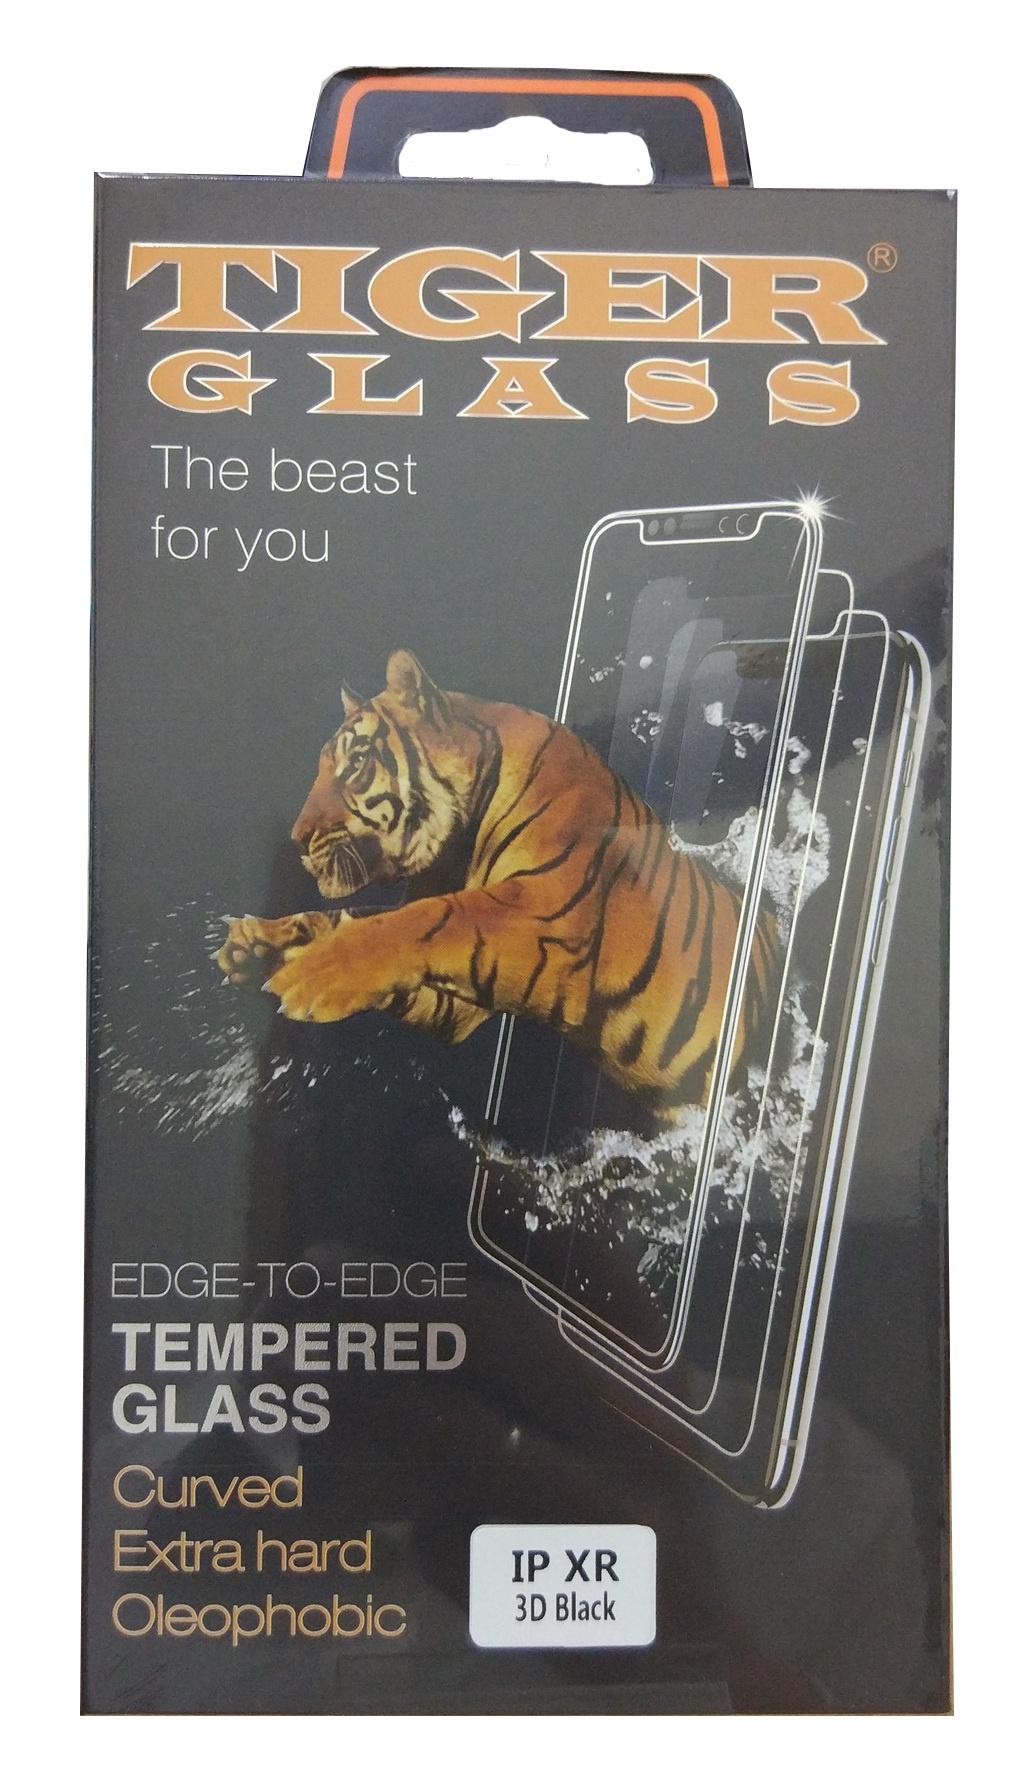 Защитное стекло iPhone XR 6.1 (3D Tiger Glass черная рамка), черный защитное стекло interstep 3d glass для samsung galaxy s8 черная рамка